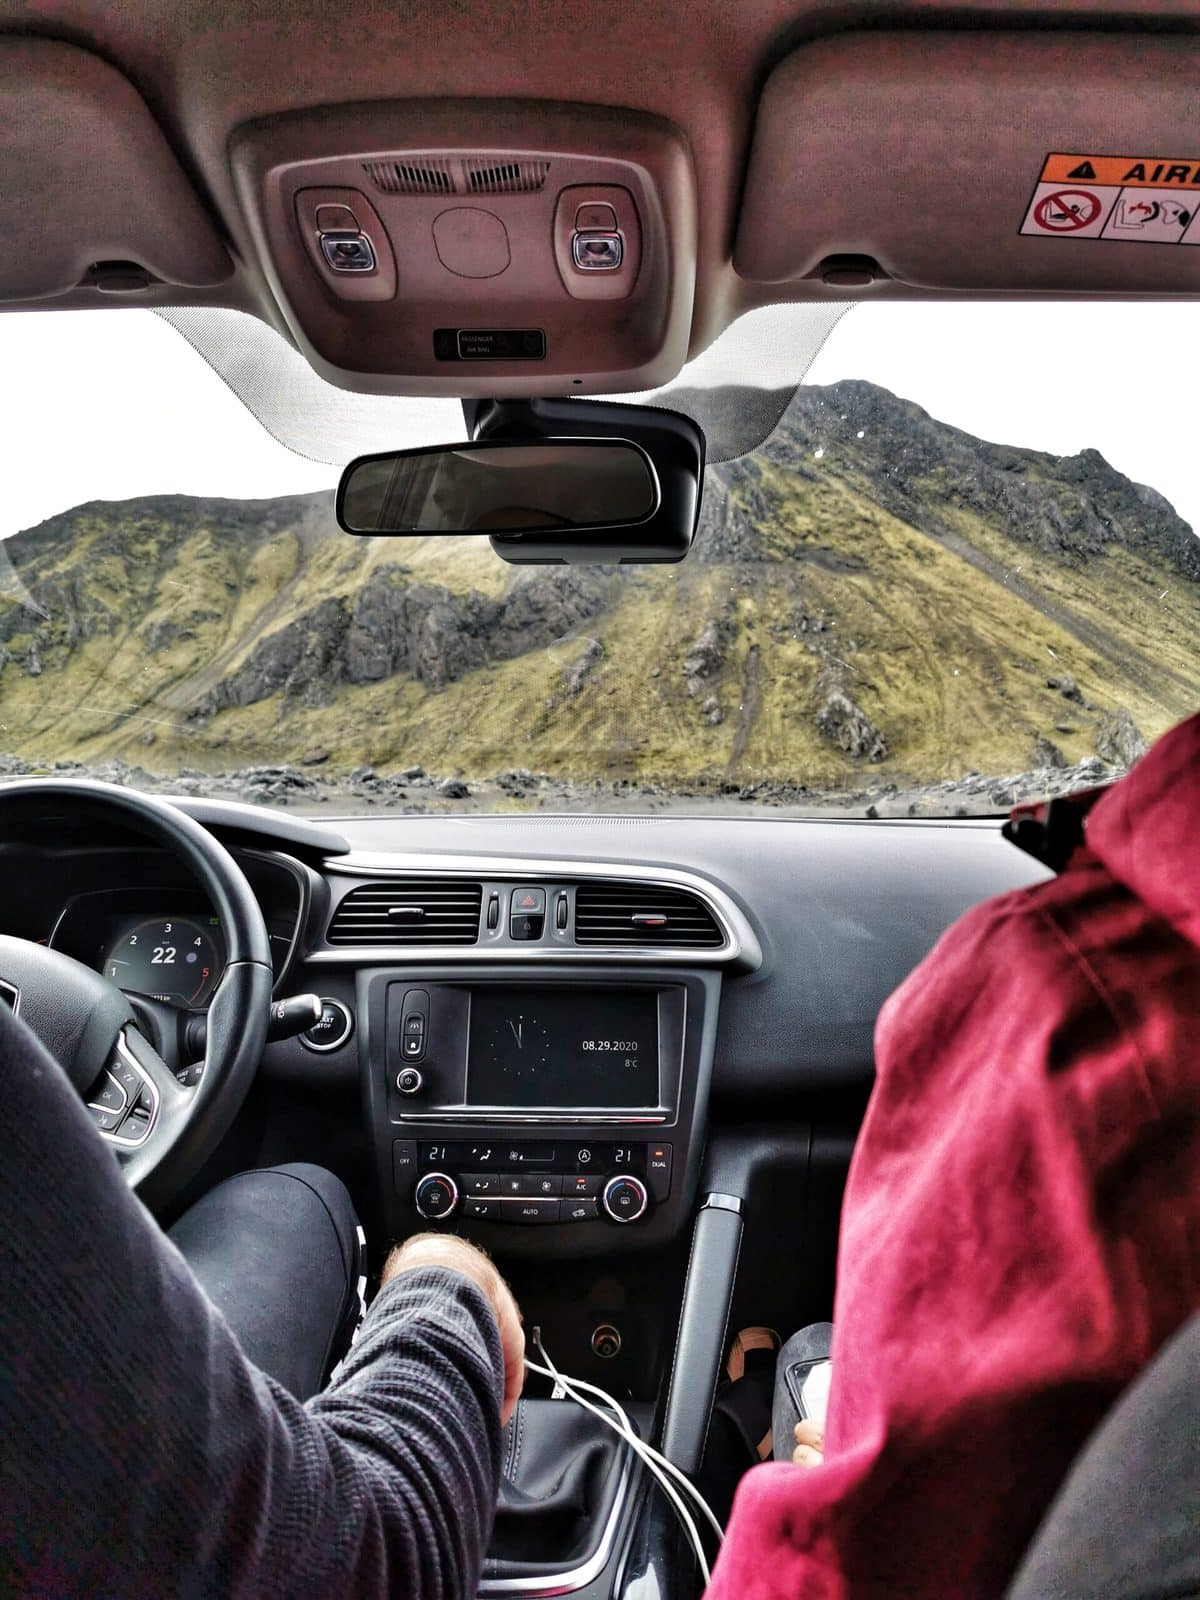 wynajem auta podczas kwarantanny islandia